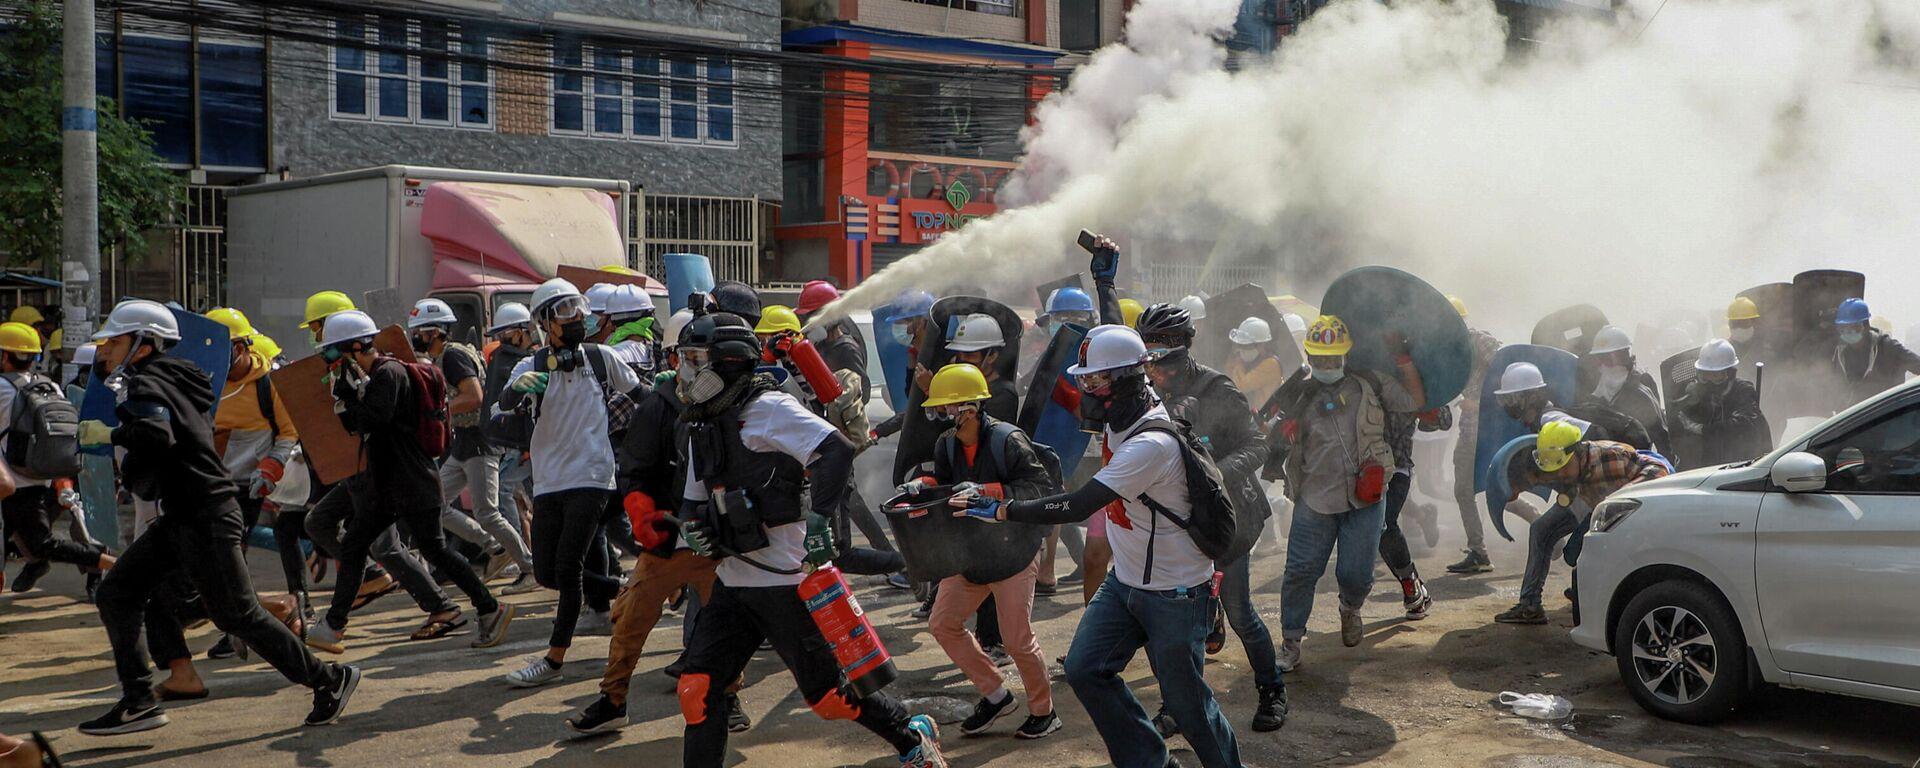 Proteste in Myanmar. Yangon, 3. März 2021 - SNA, 1920, 11.08.2021